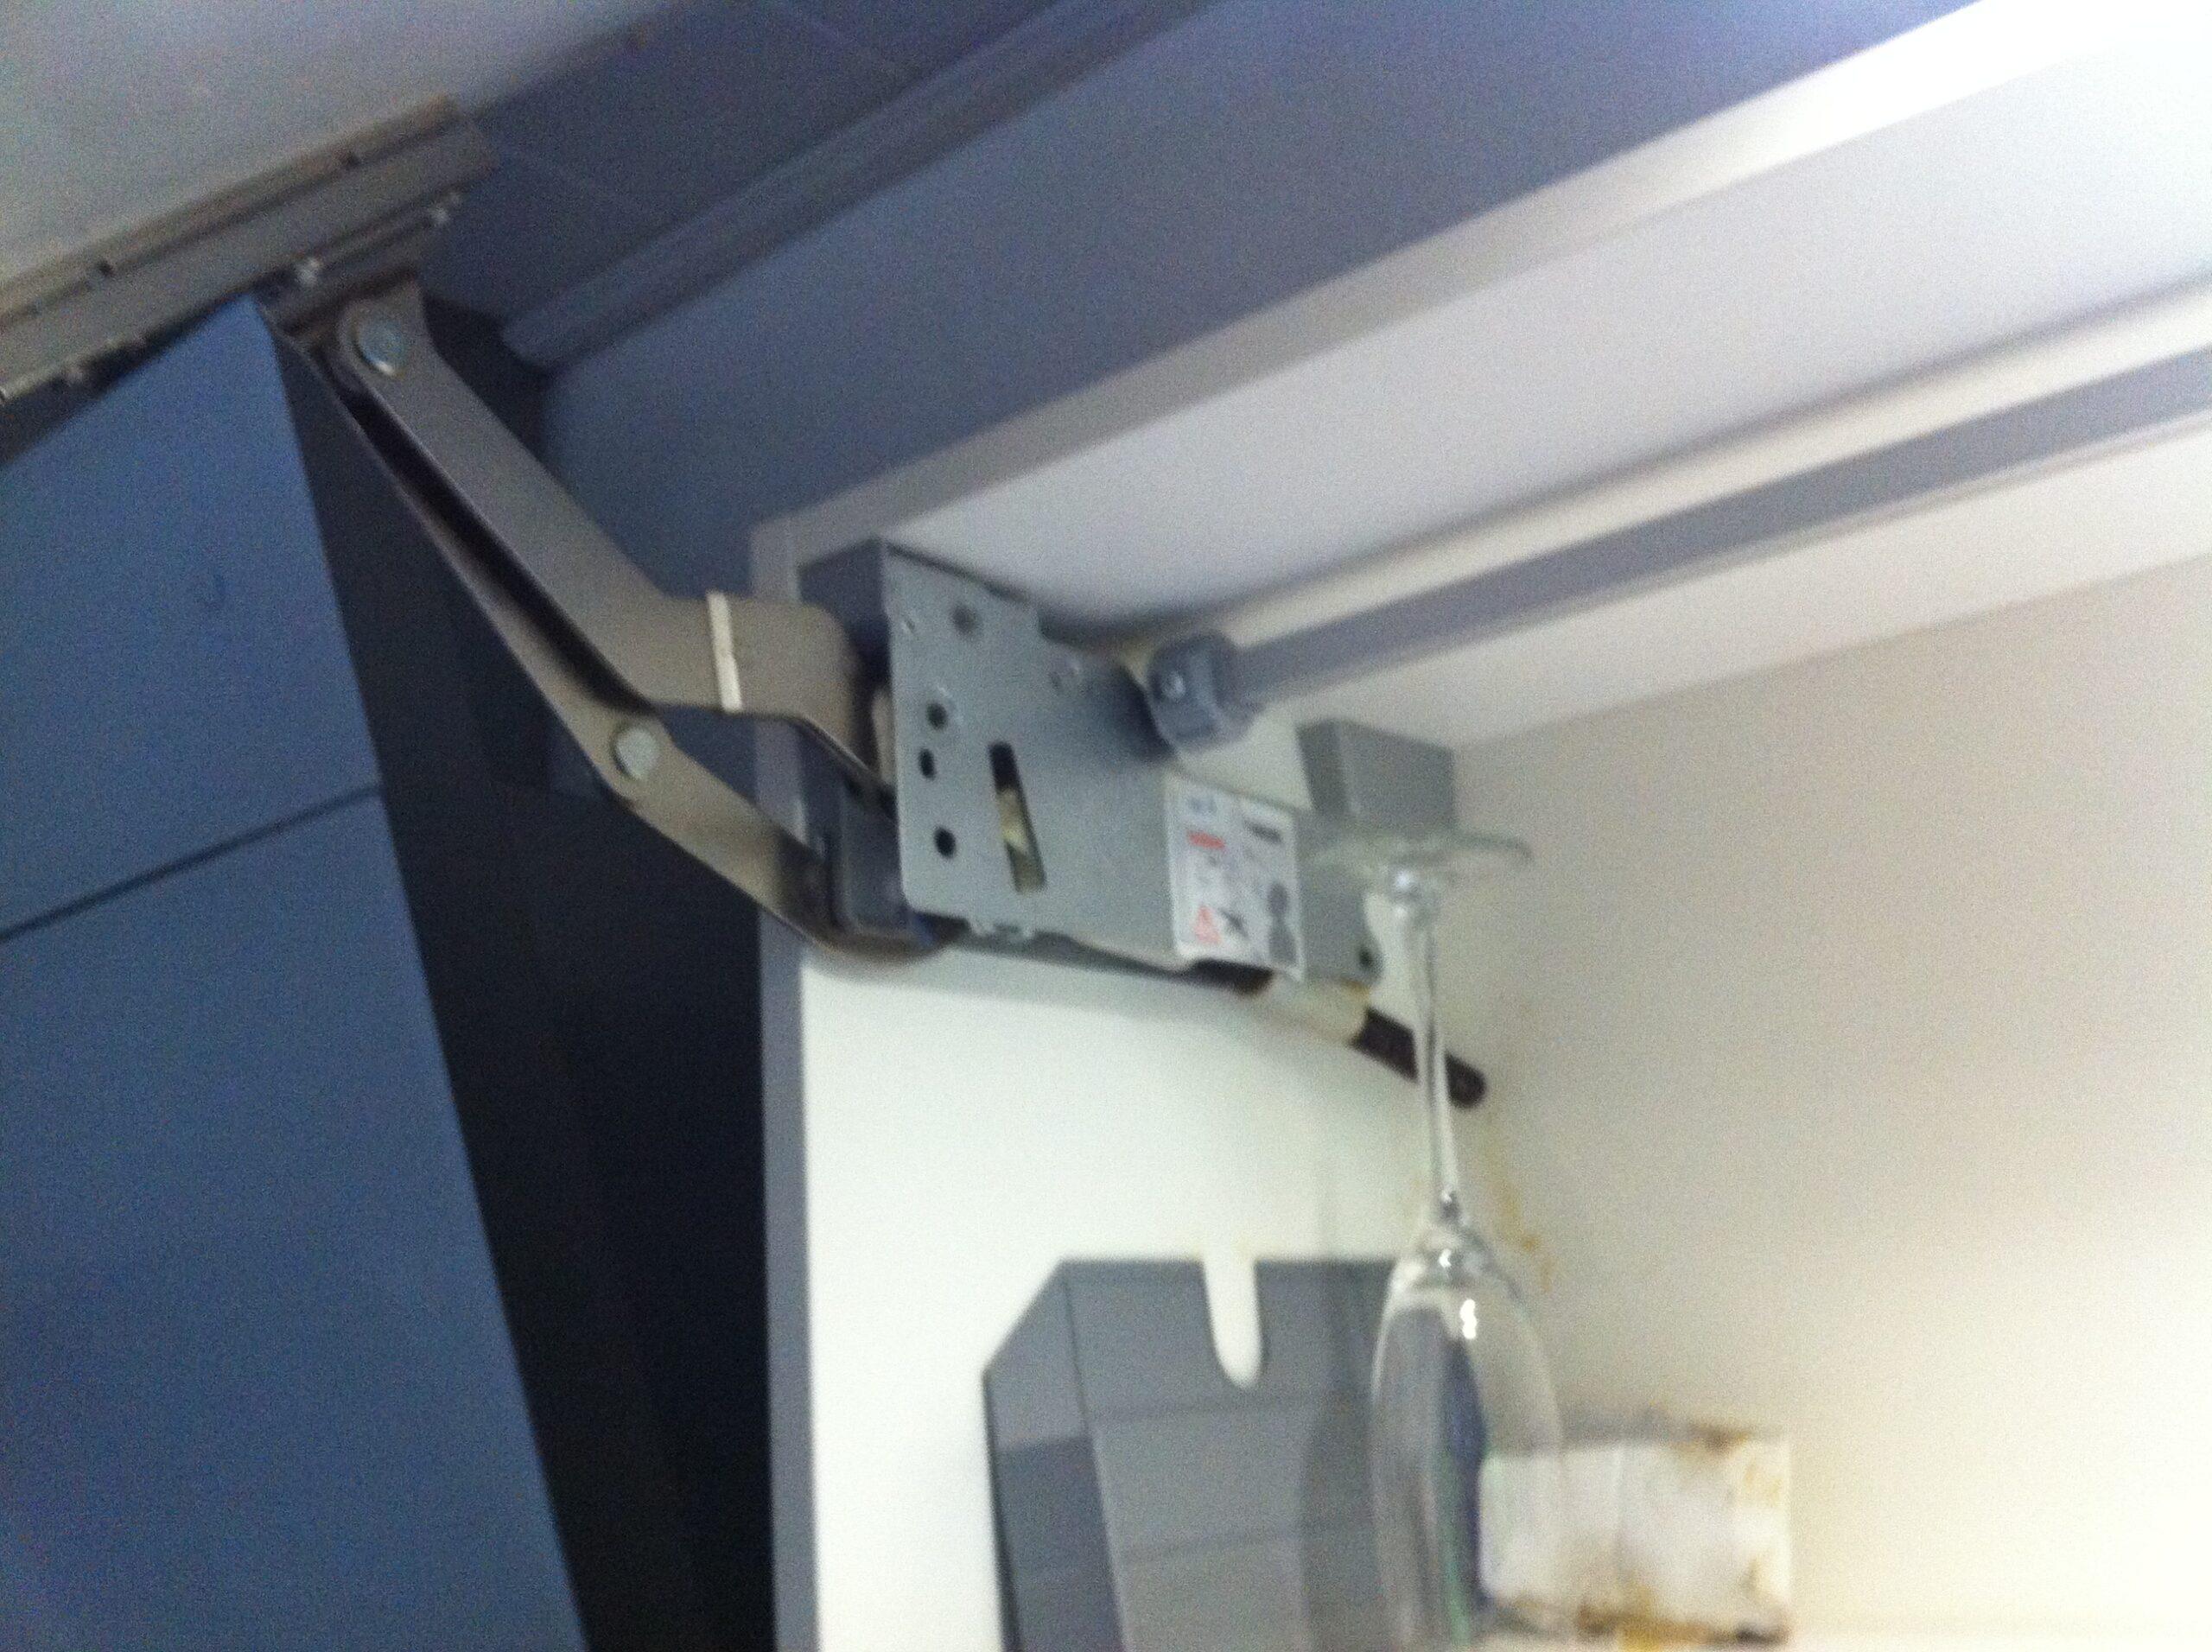 Full Size of Küchenkarussell Blockiert Eckschrnke Elektrogerte Im Raum Barsinghausen Miele Landhauskche Wohnzimmer Küchenkarussell Blockiert